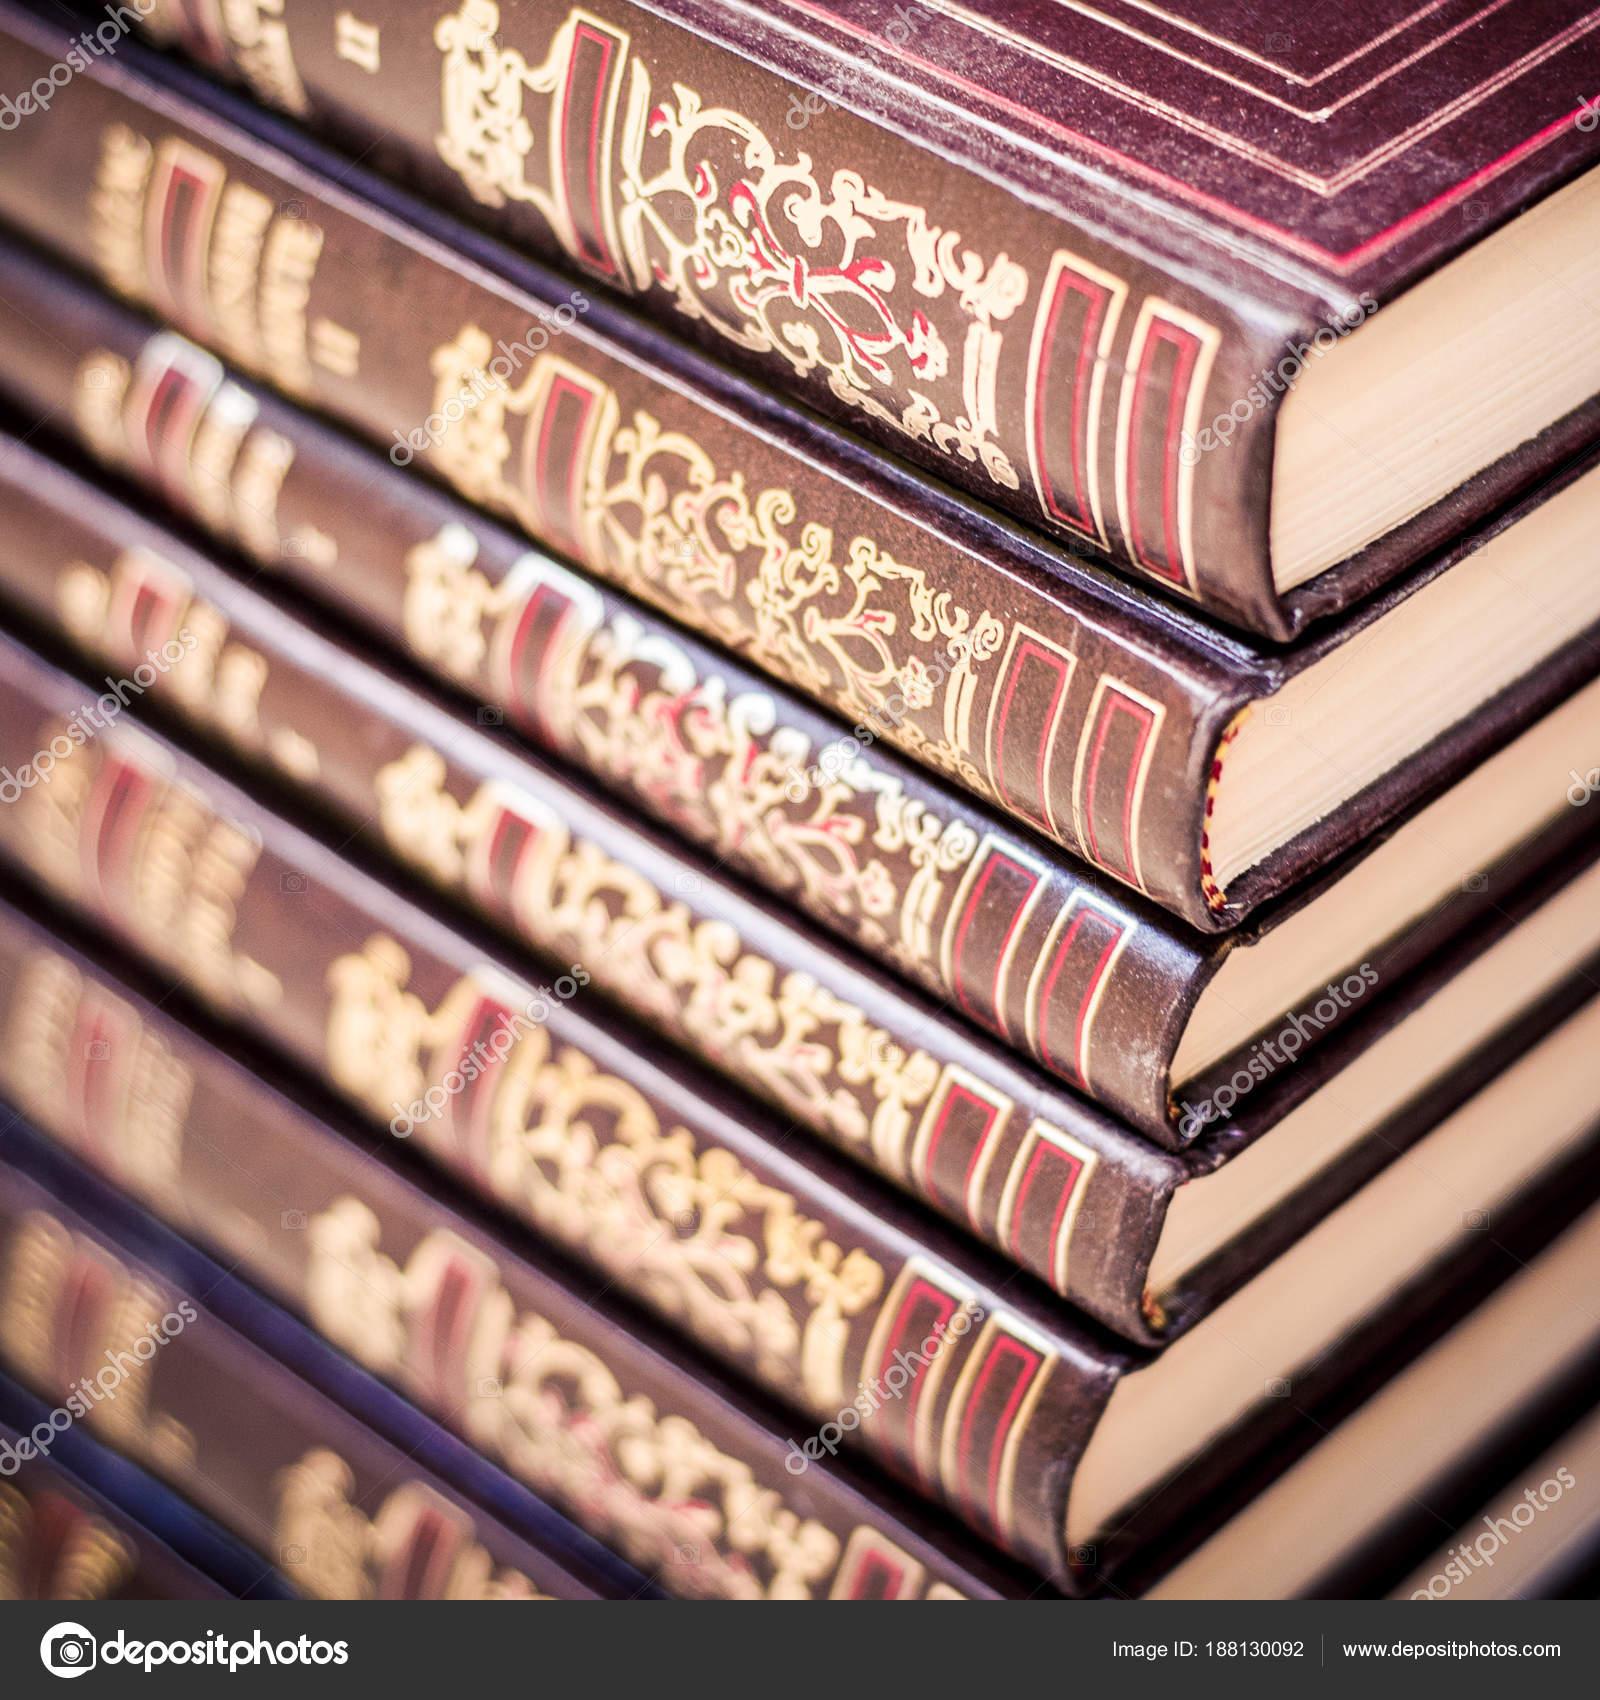 Dekorative Bücher bücher-hintergrund. dekorative bücher wirbelsäule — stockfoto